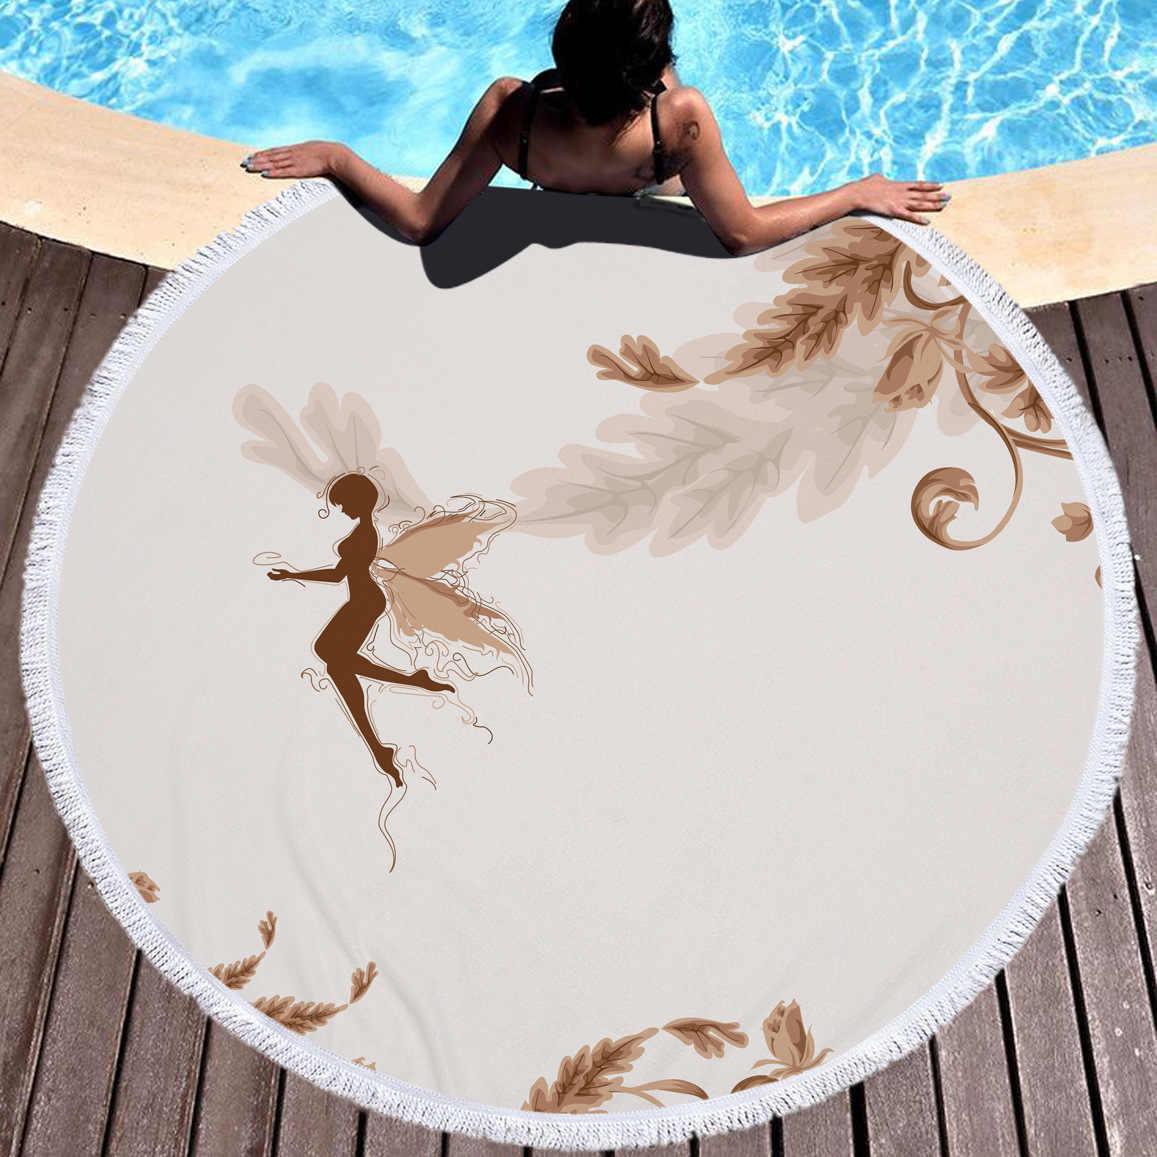 3D 천사 날개 인쇄 된 마이크로 화이버 라운드 비치 타월 성인을위한 목욕 타월 어린이 요가 매트 Tassels 담요 홈 장식